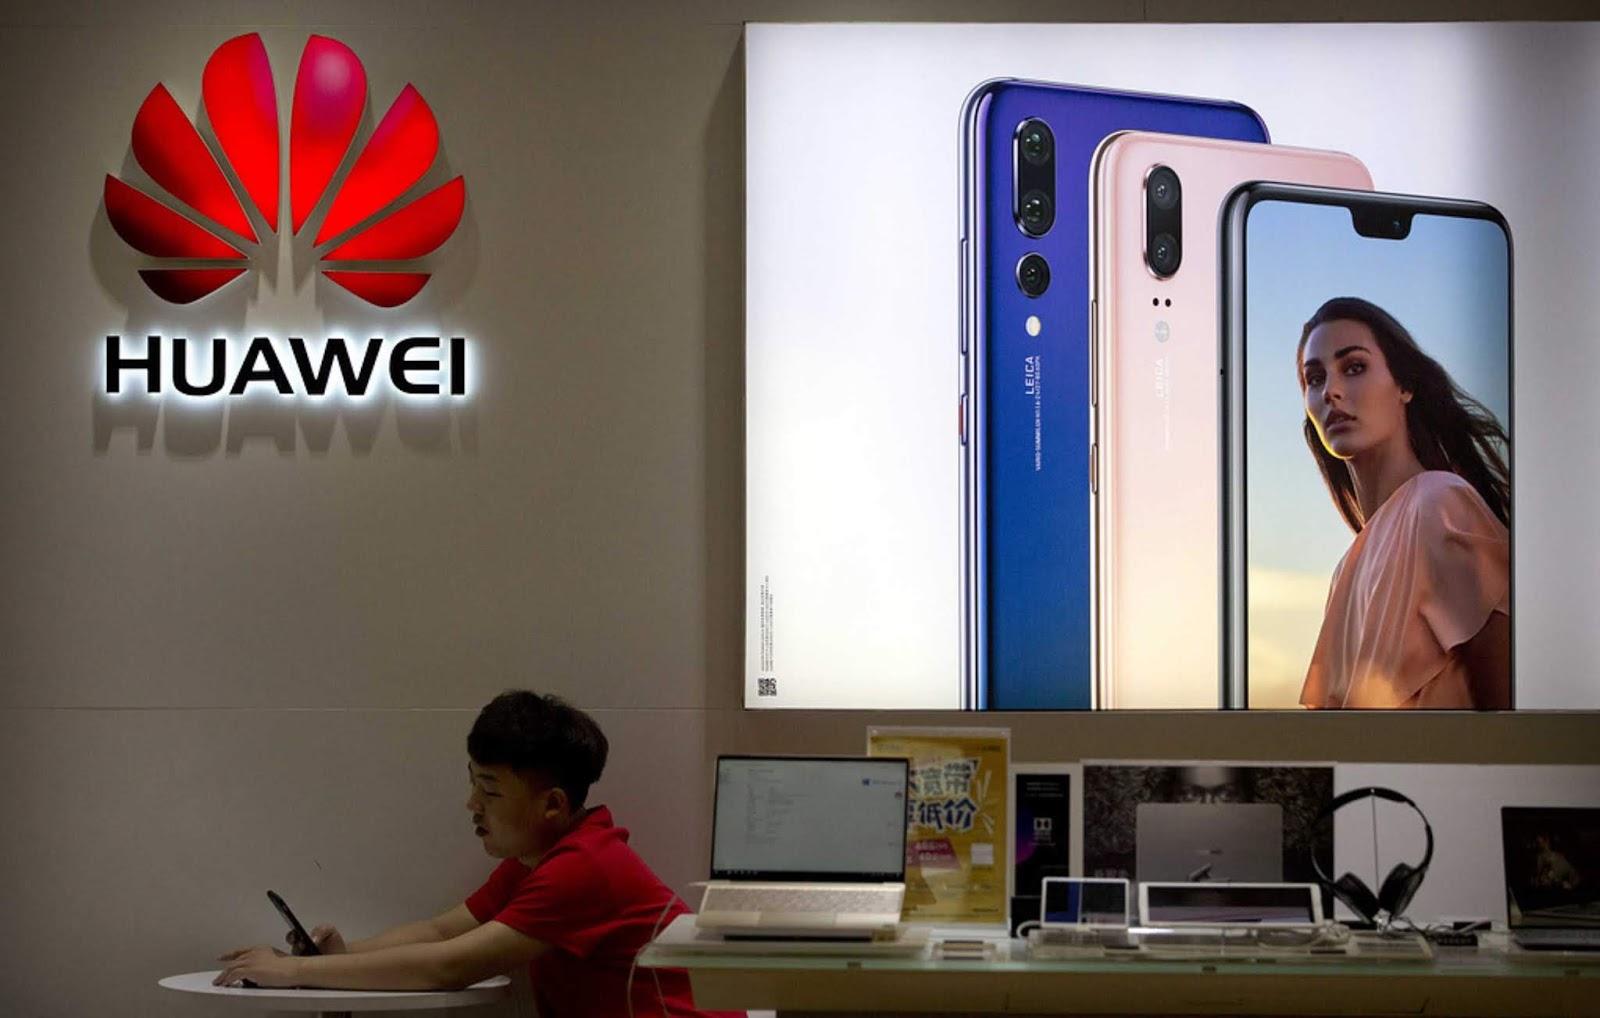 Dianggap mengancam keamanan AS meyakinkan Sekutunya untuk meninggalkan penggunaan produk Huawei